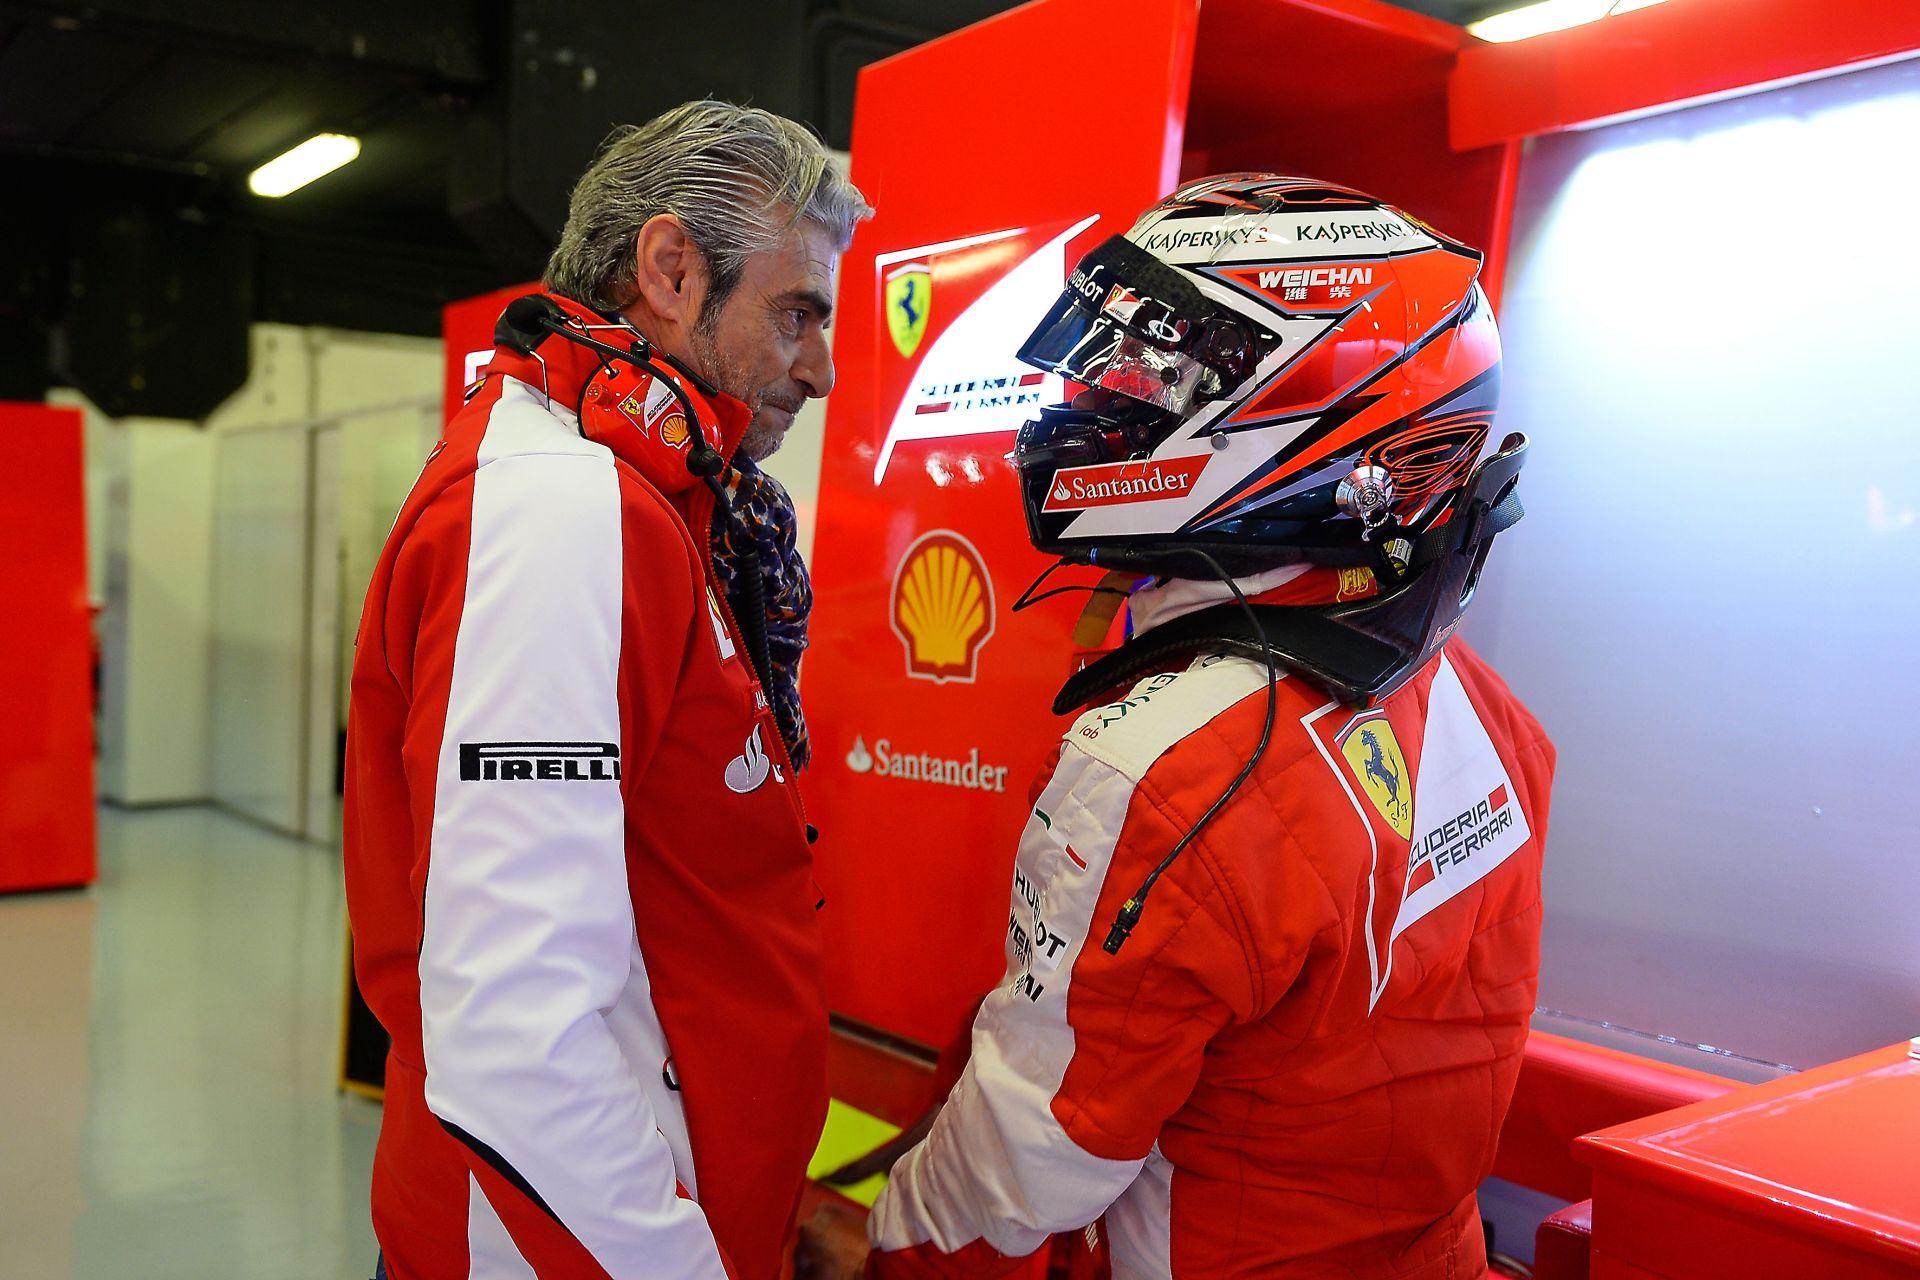 A Ferrarinál Hamilton szóba sem jön, amíg Kimi jól teljesít